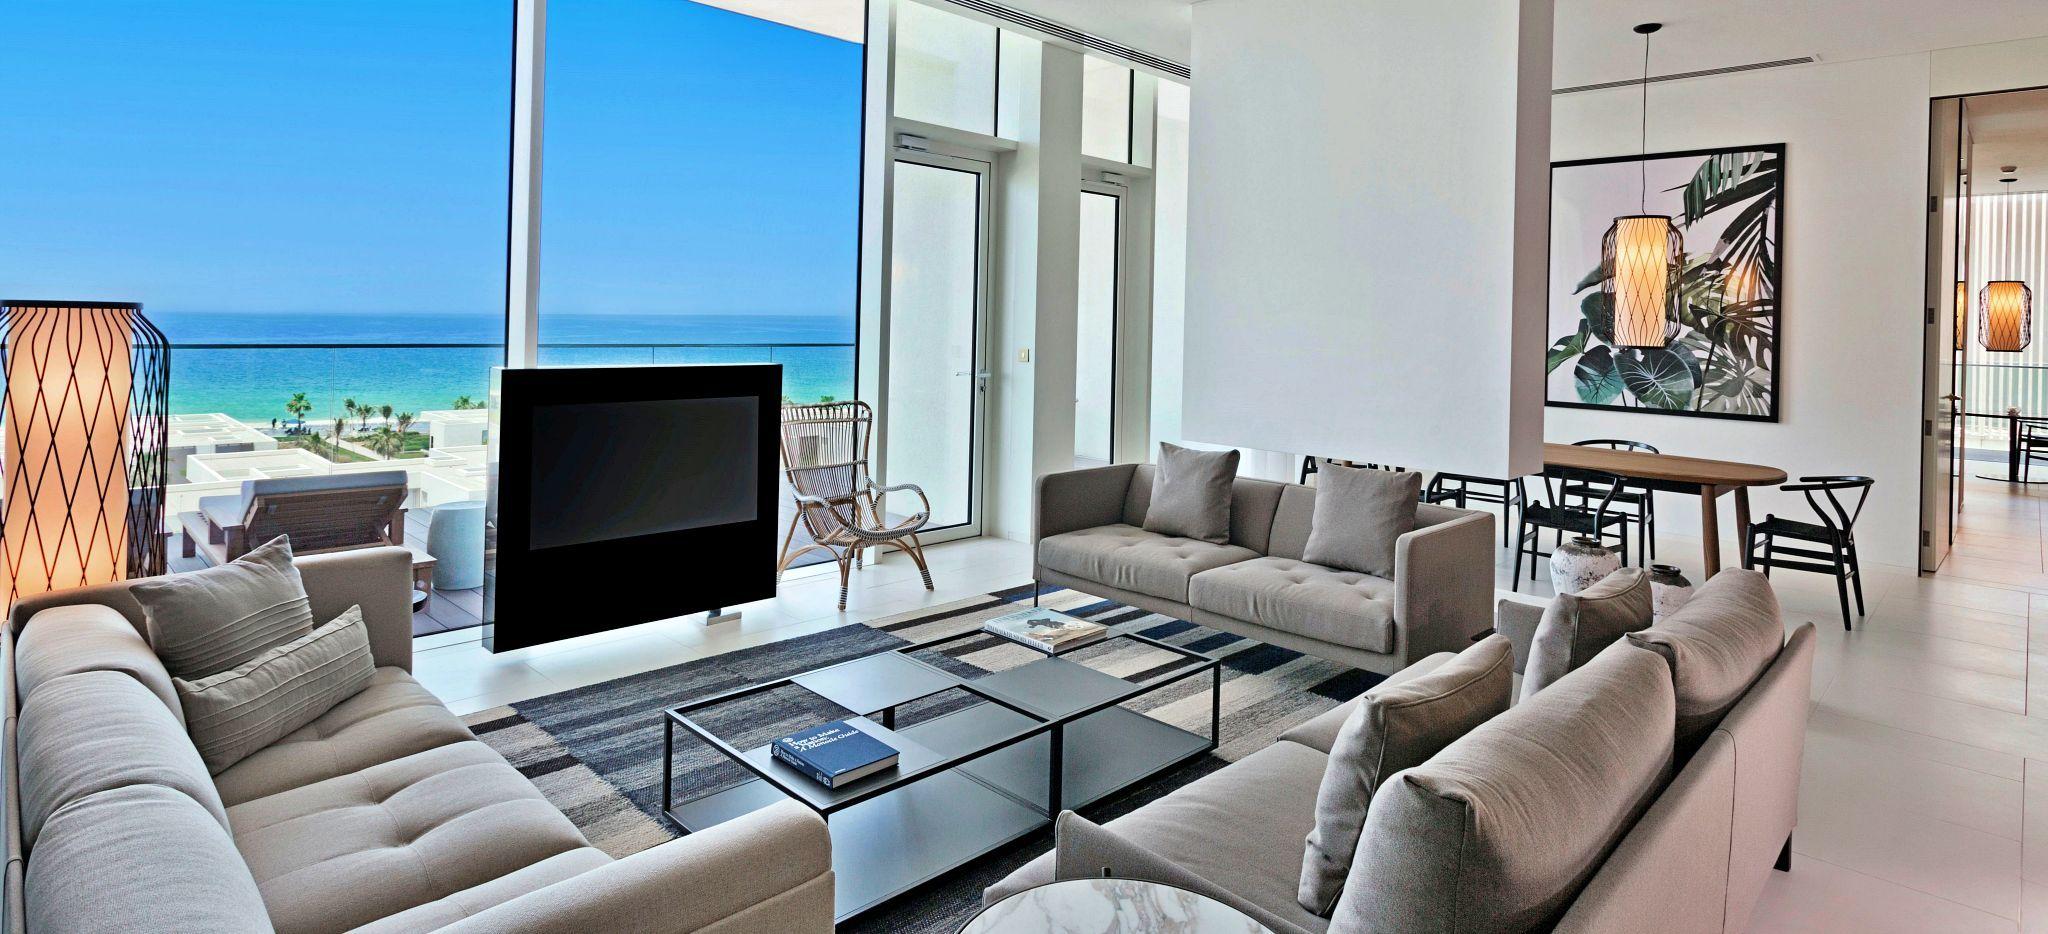 Wohnzimmer mit Blick auf das Meer im Hotel Oberoi Al Zorah, Ajman